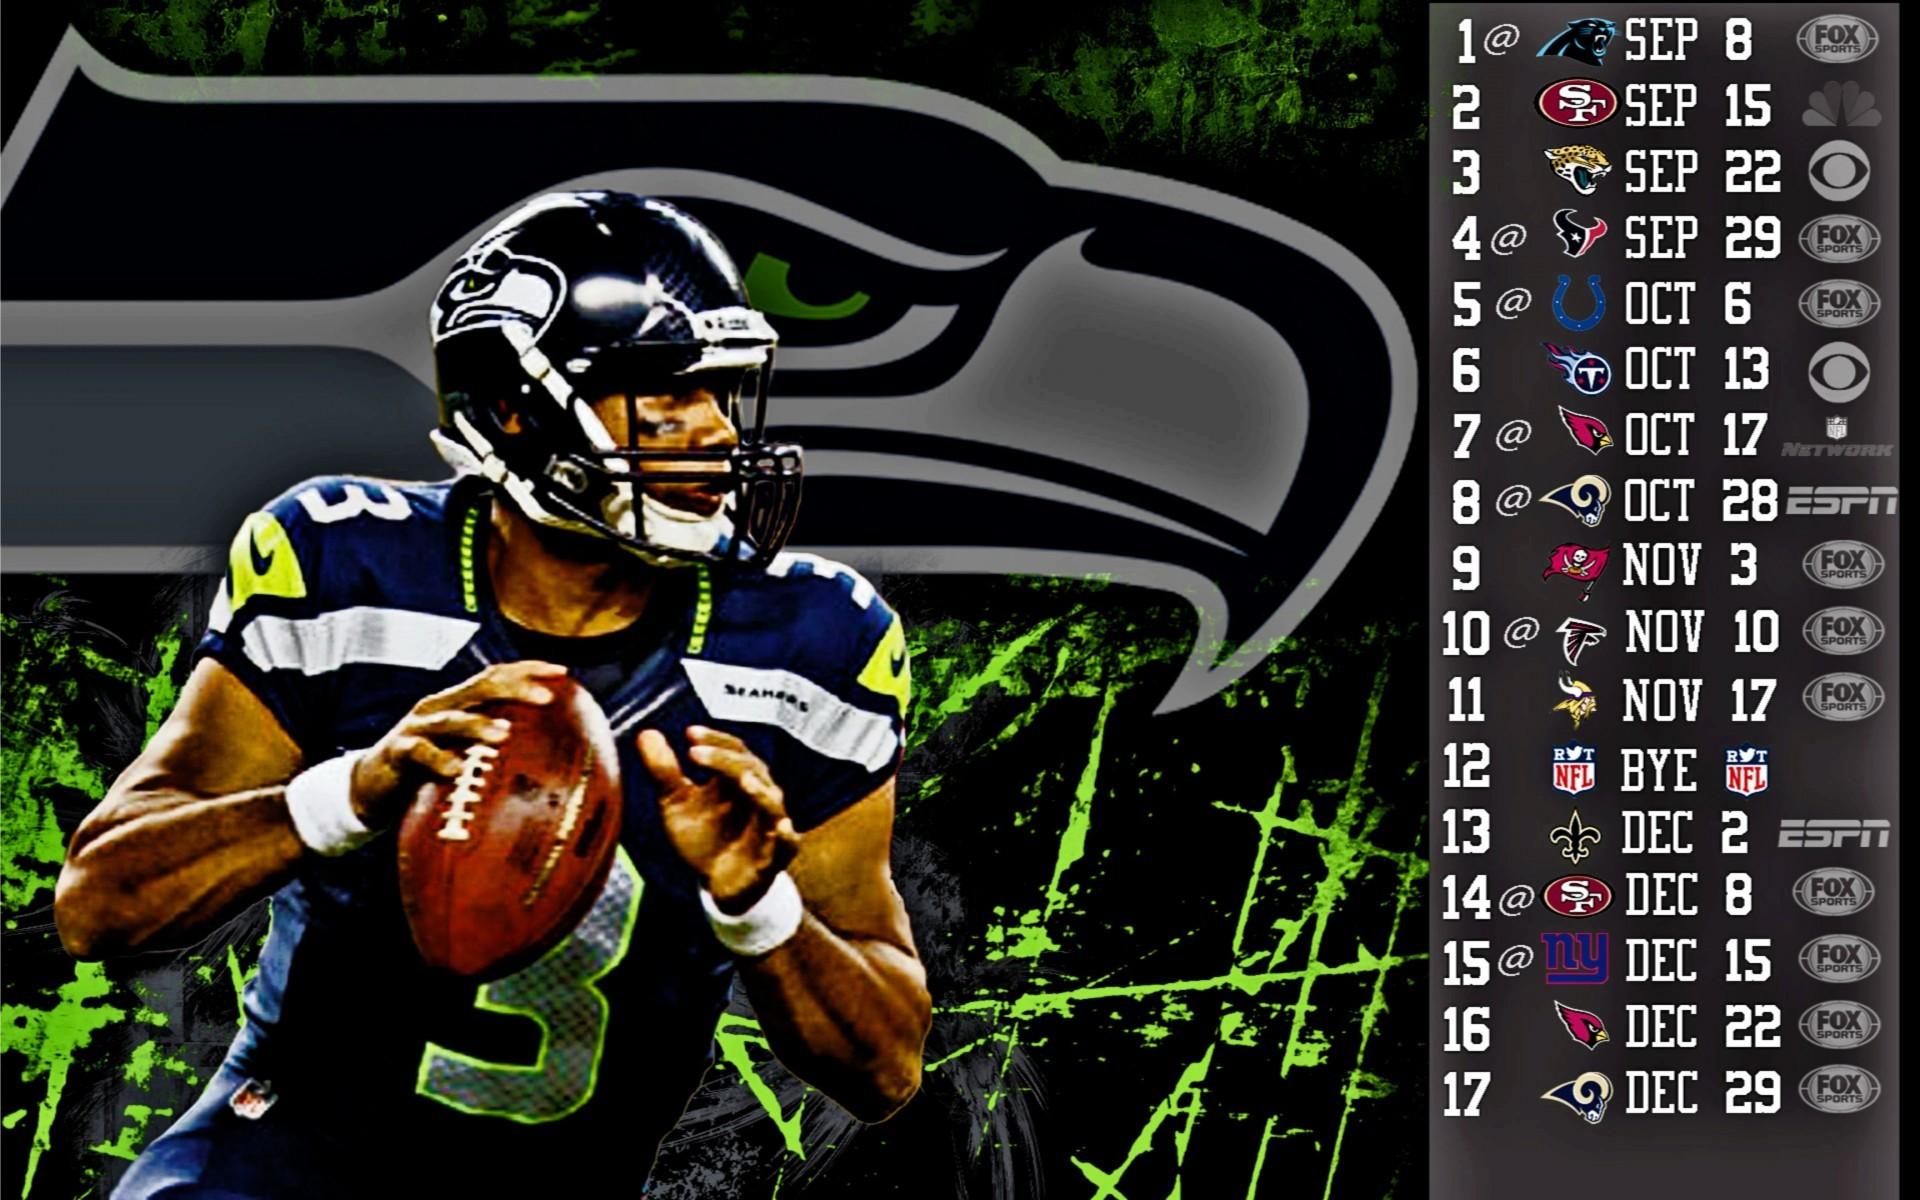 Download Free 4k Russell Wilson Wallpaper Data Src Seattle Seahawks Schedule 2018 2018 1920x1200 Wallpaper Teahub Io